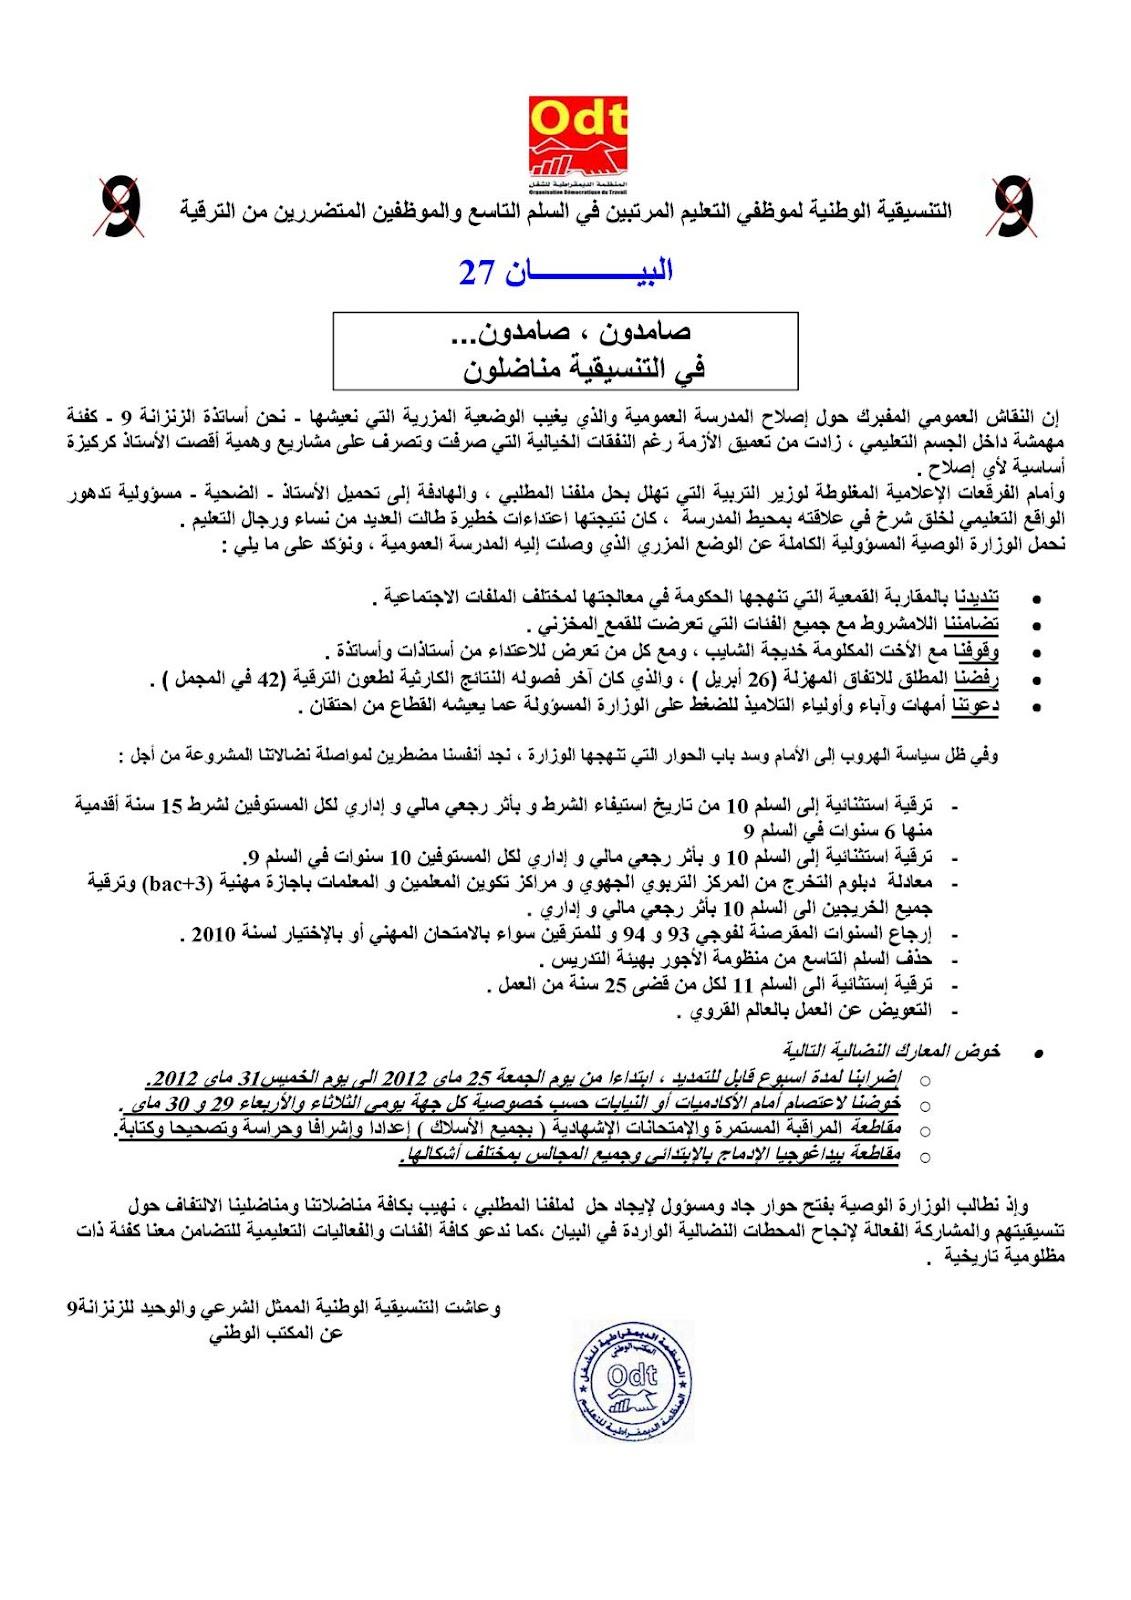 البيان رقم 27 للتنسيقية الوطنية لموظفي التعليم المرتبين في السلم 9 Note